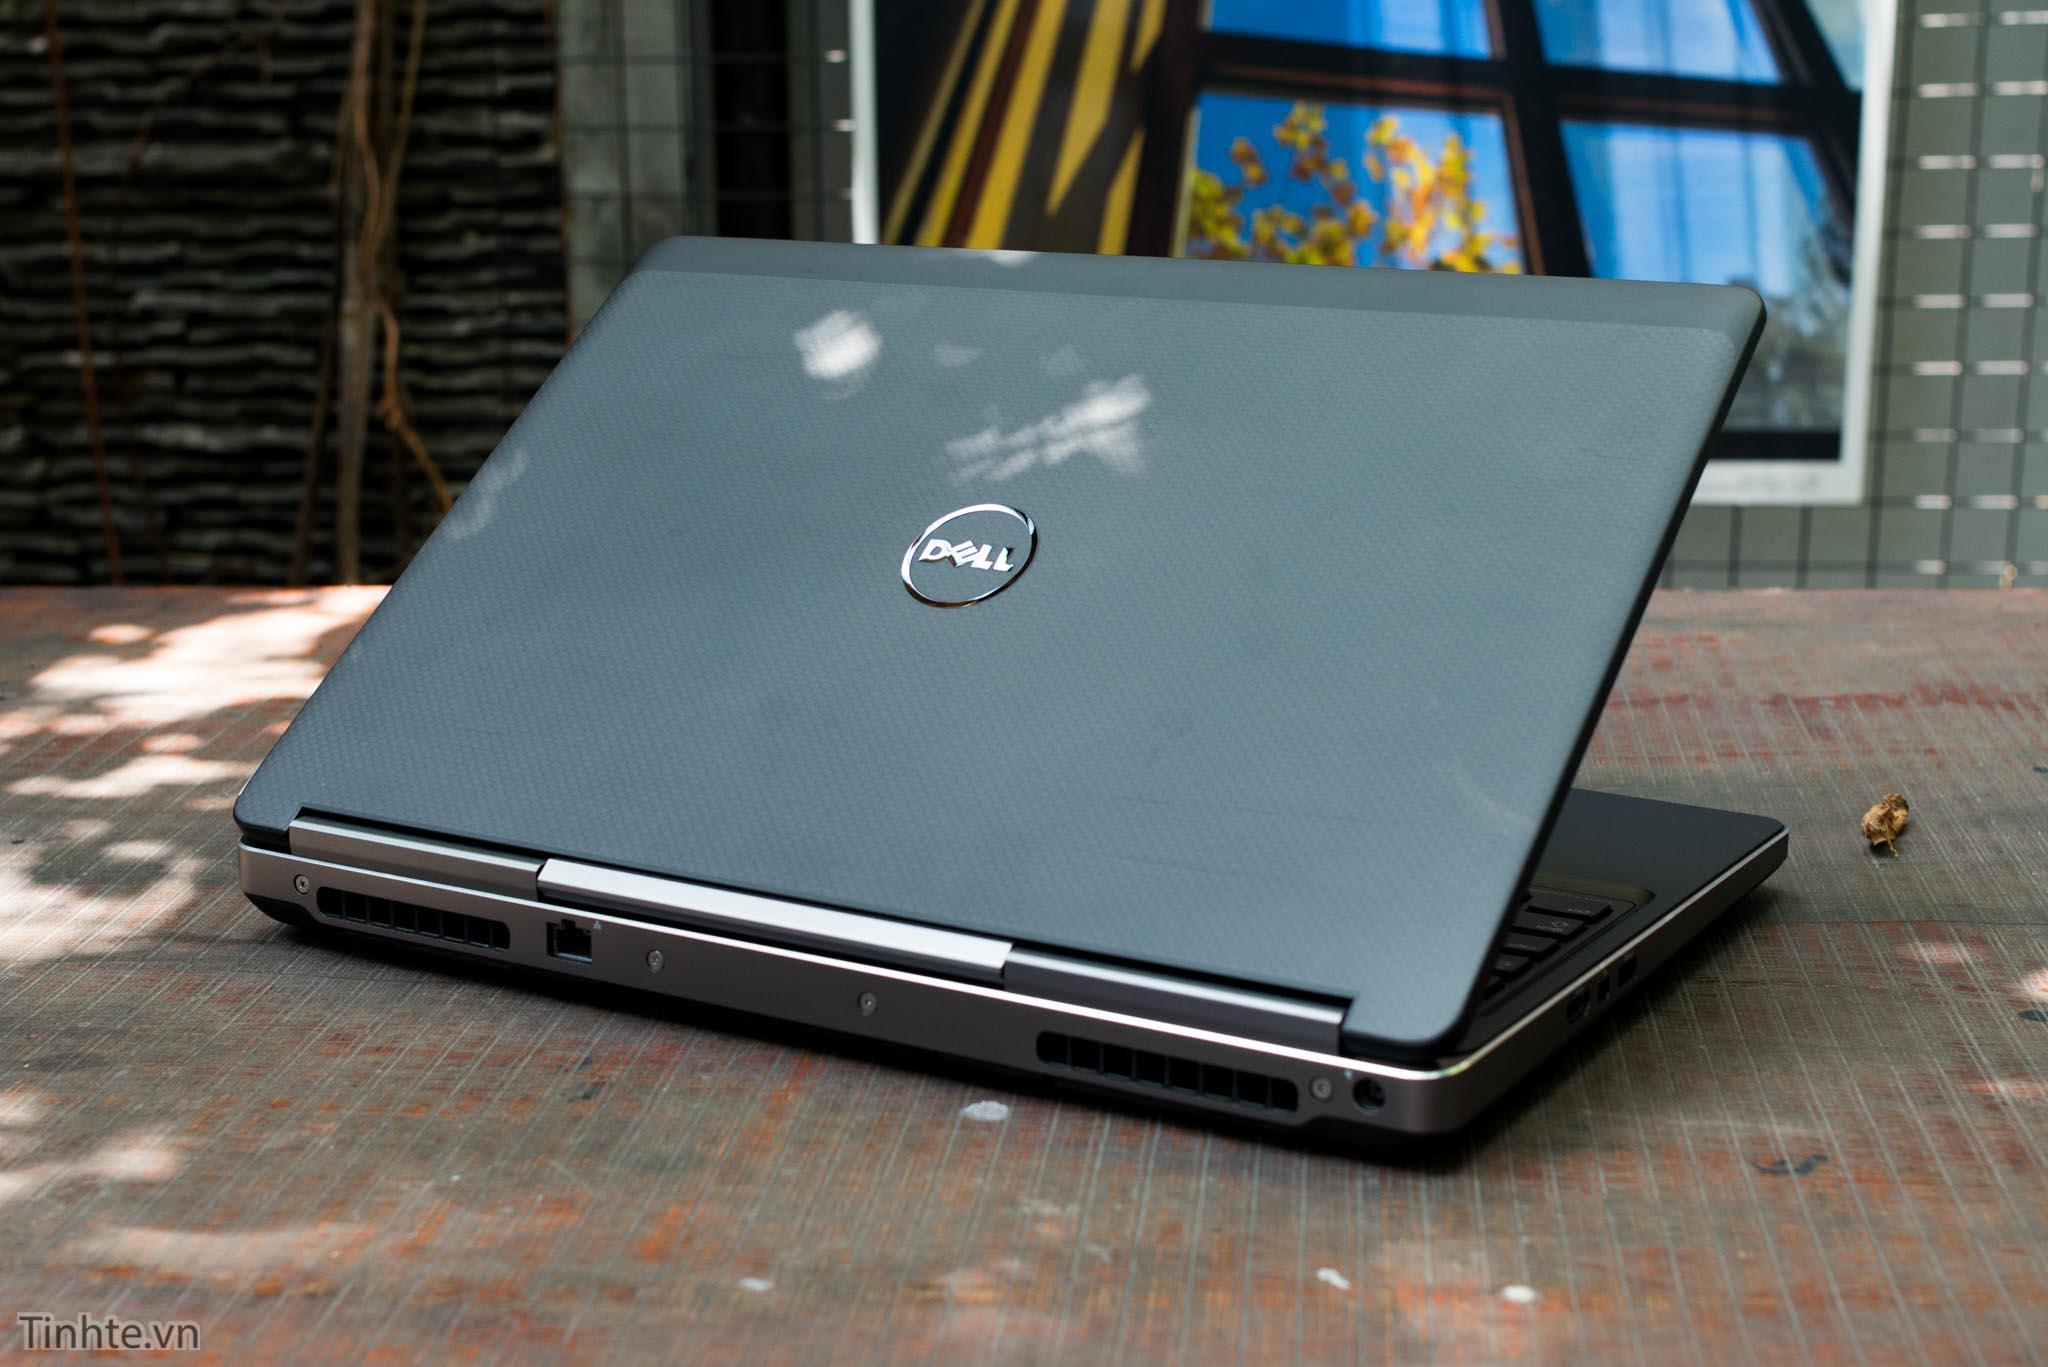 Đang tải Dell 7510_tinhte.vn 1.jpg…